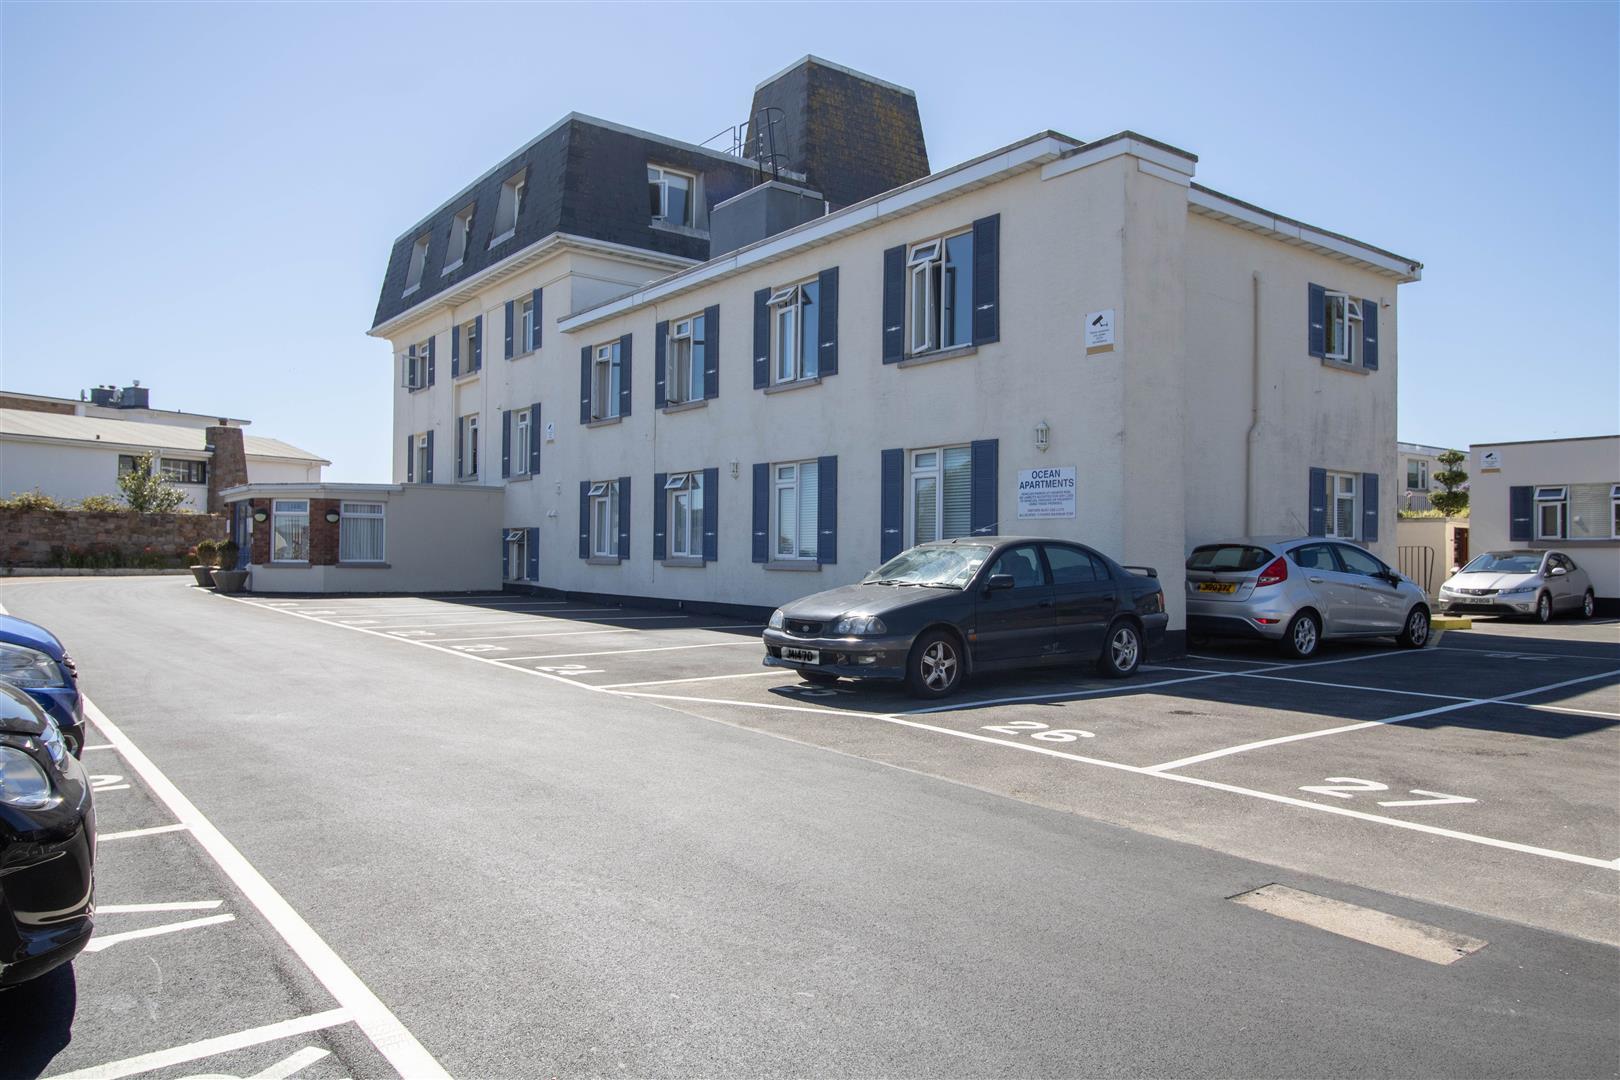 Westmount Road, St. Helier, Jersey